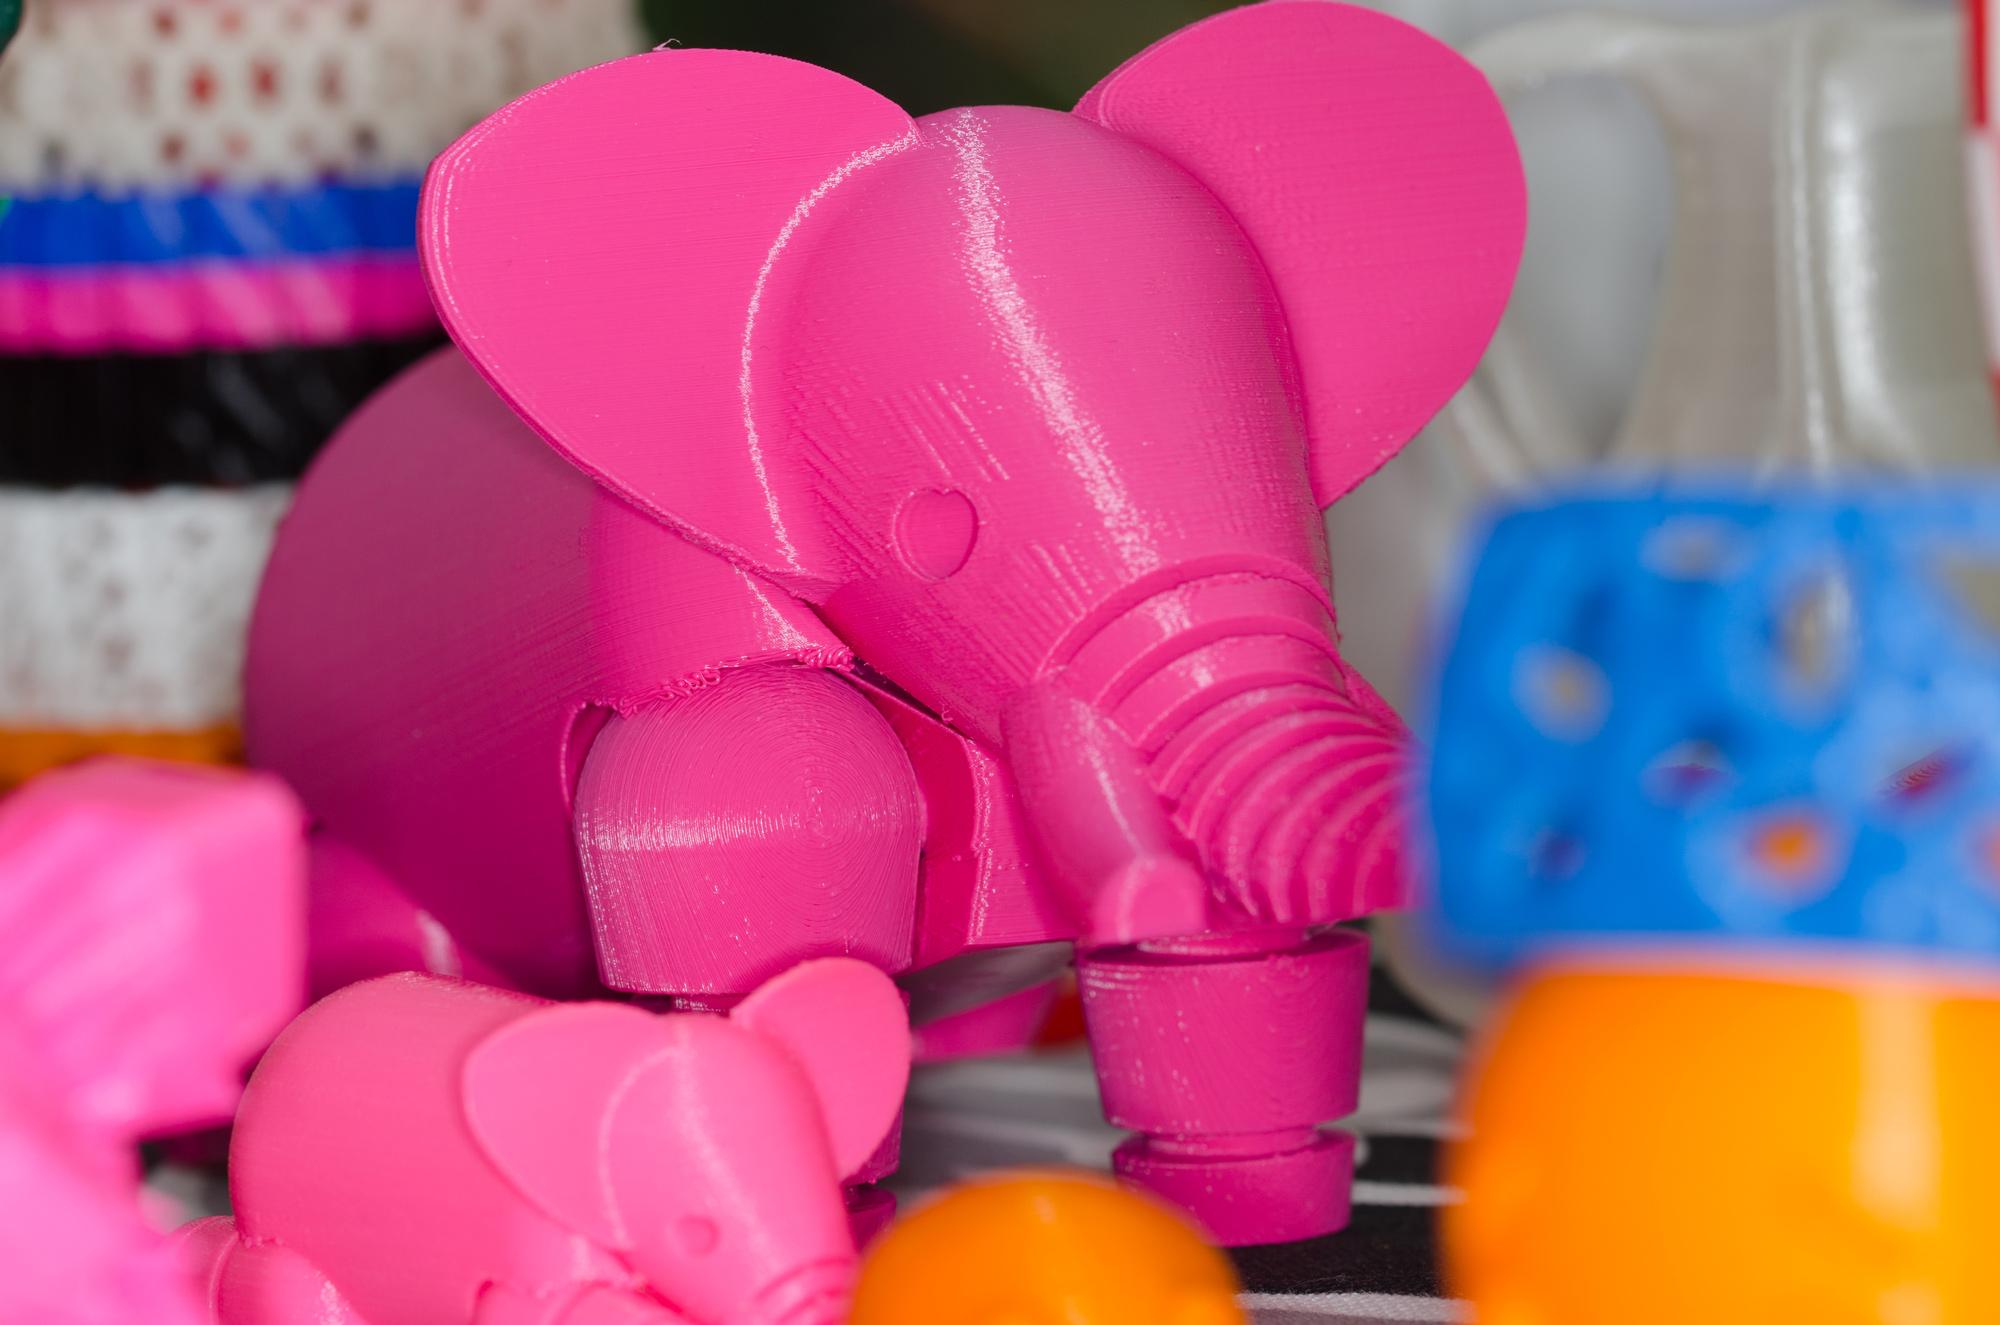 Detta är något man inte vill se när man vaknar, en rosa elefant. Självklart framtagen i 3d-skrivaren.